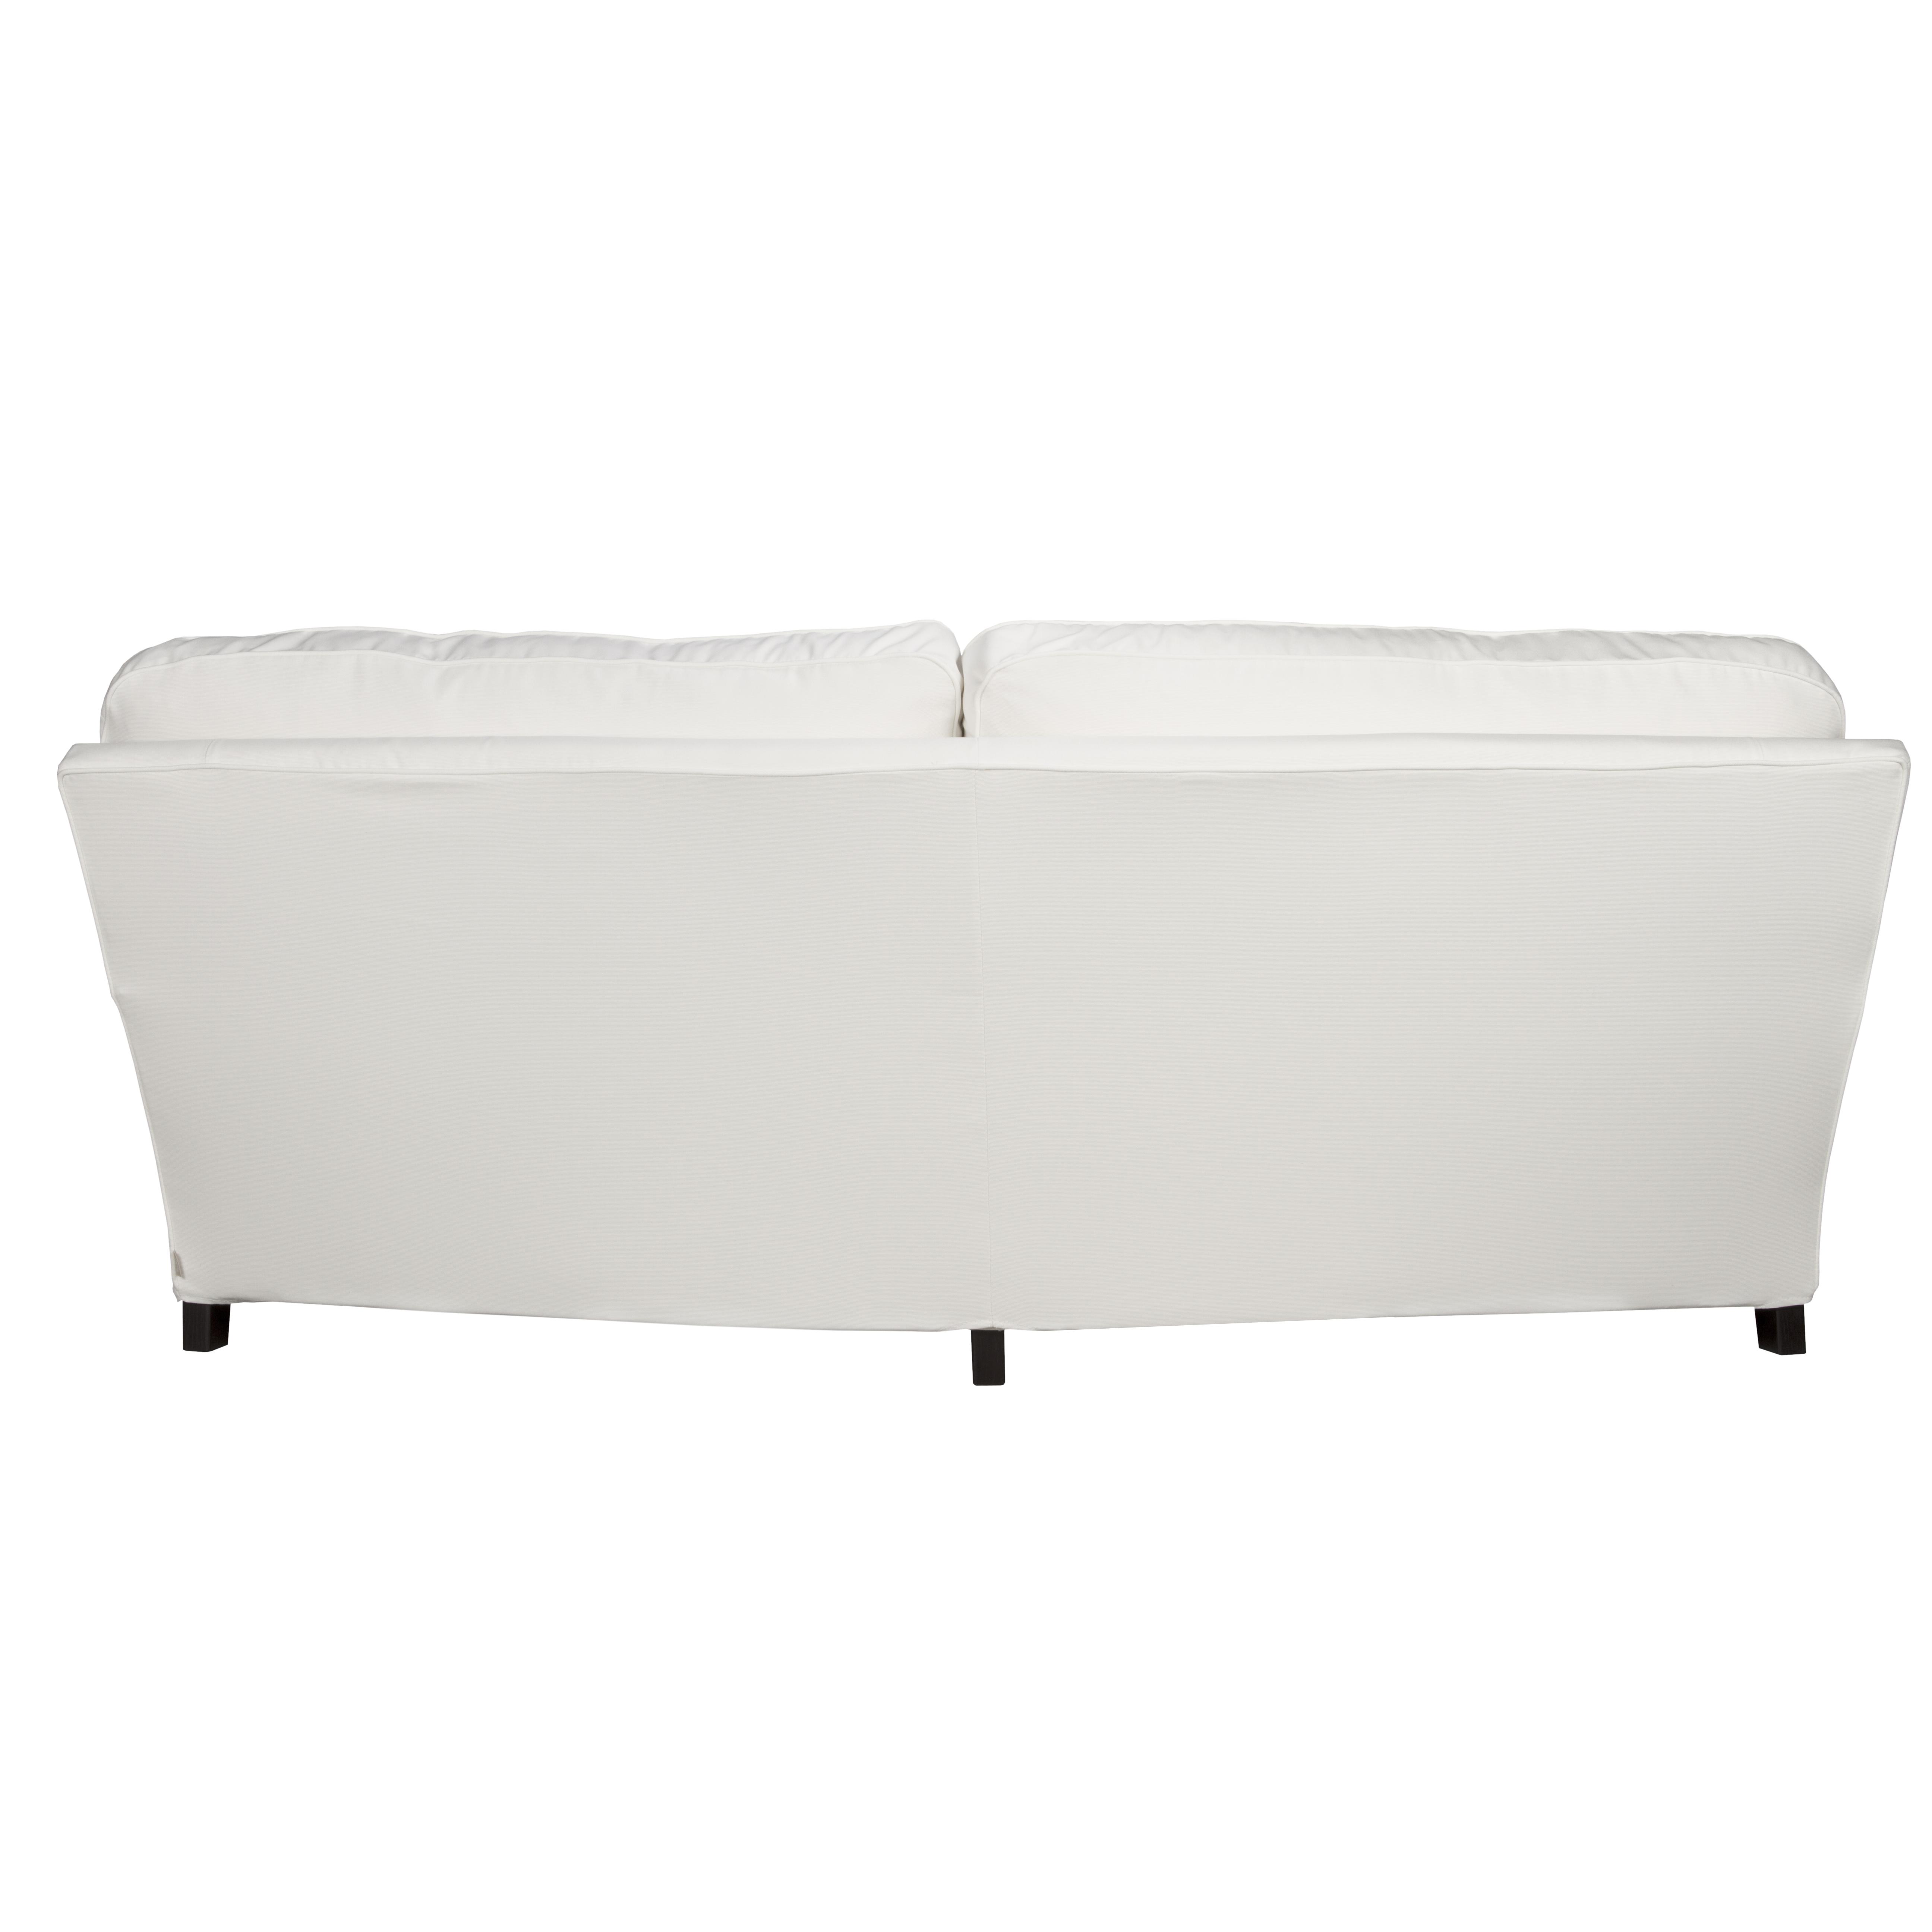 Howard medium soffa 3-sits svängd bakifrån - englesson.se